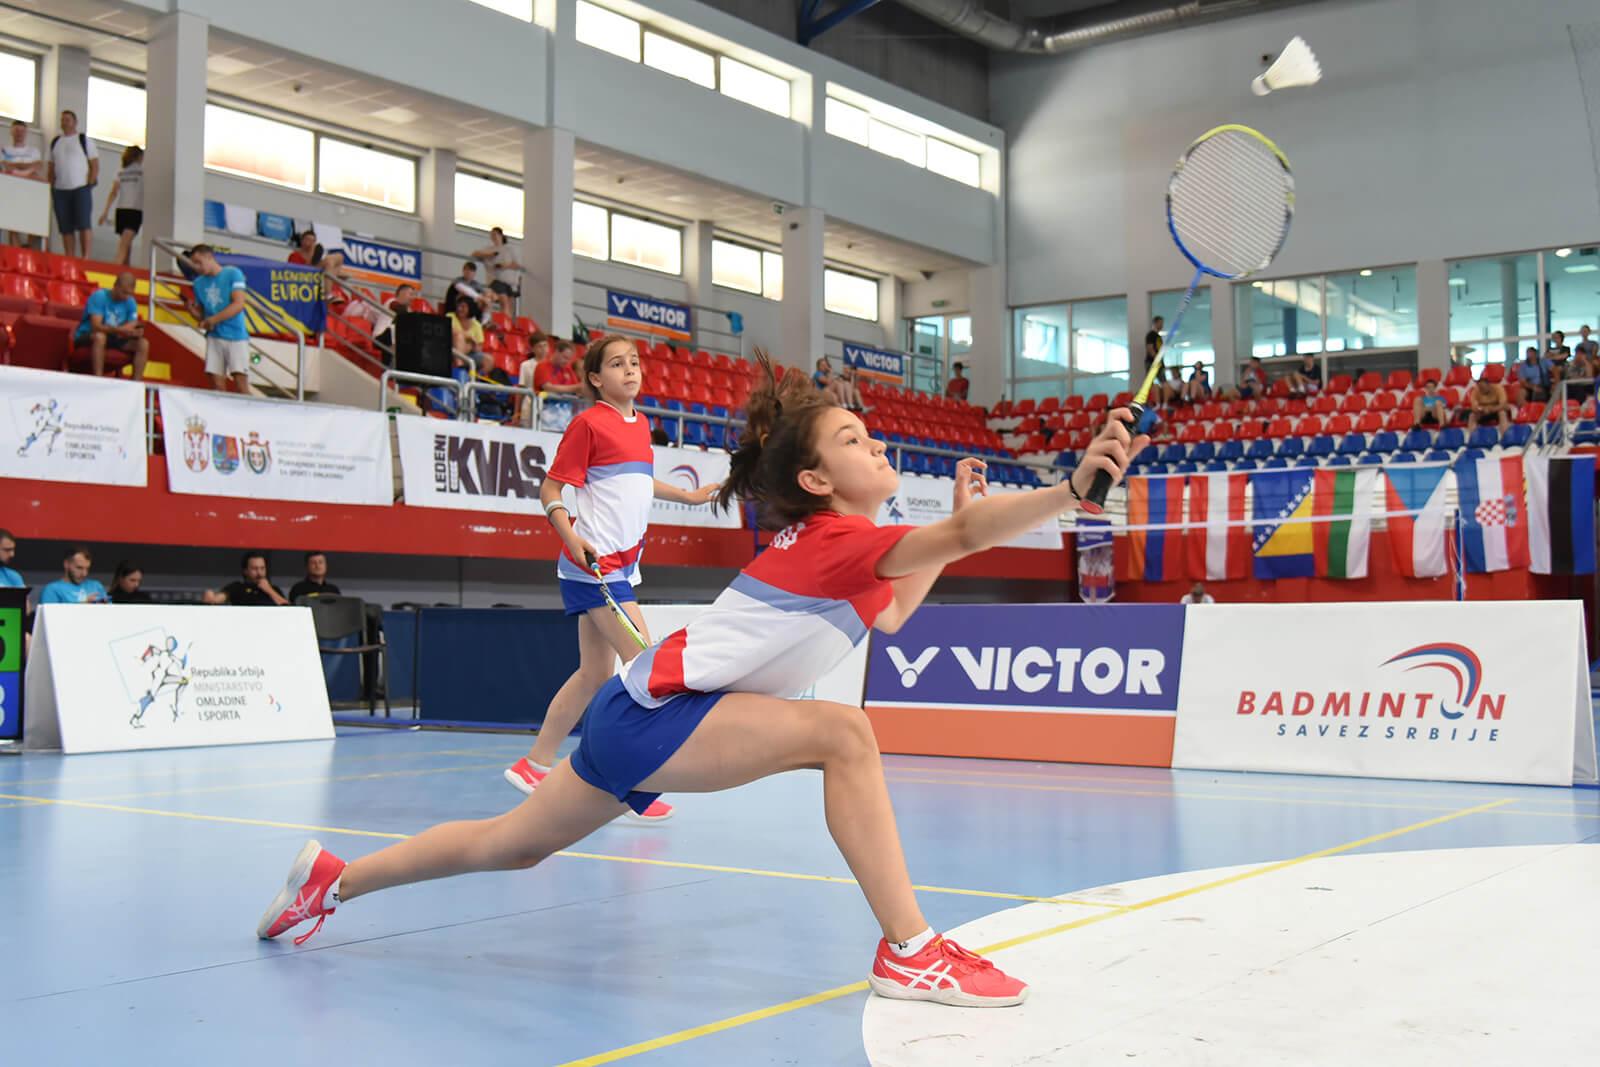 Održan još jedan tradicionalni turnir mladih u Novom Sadu